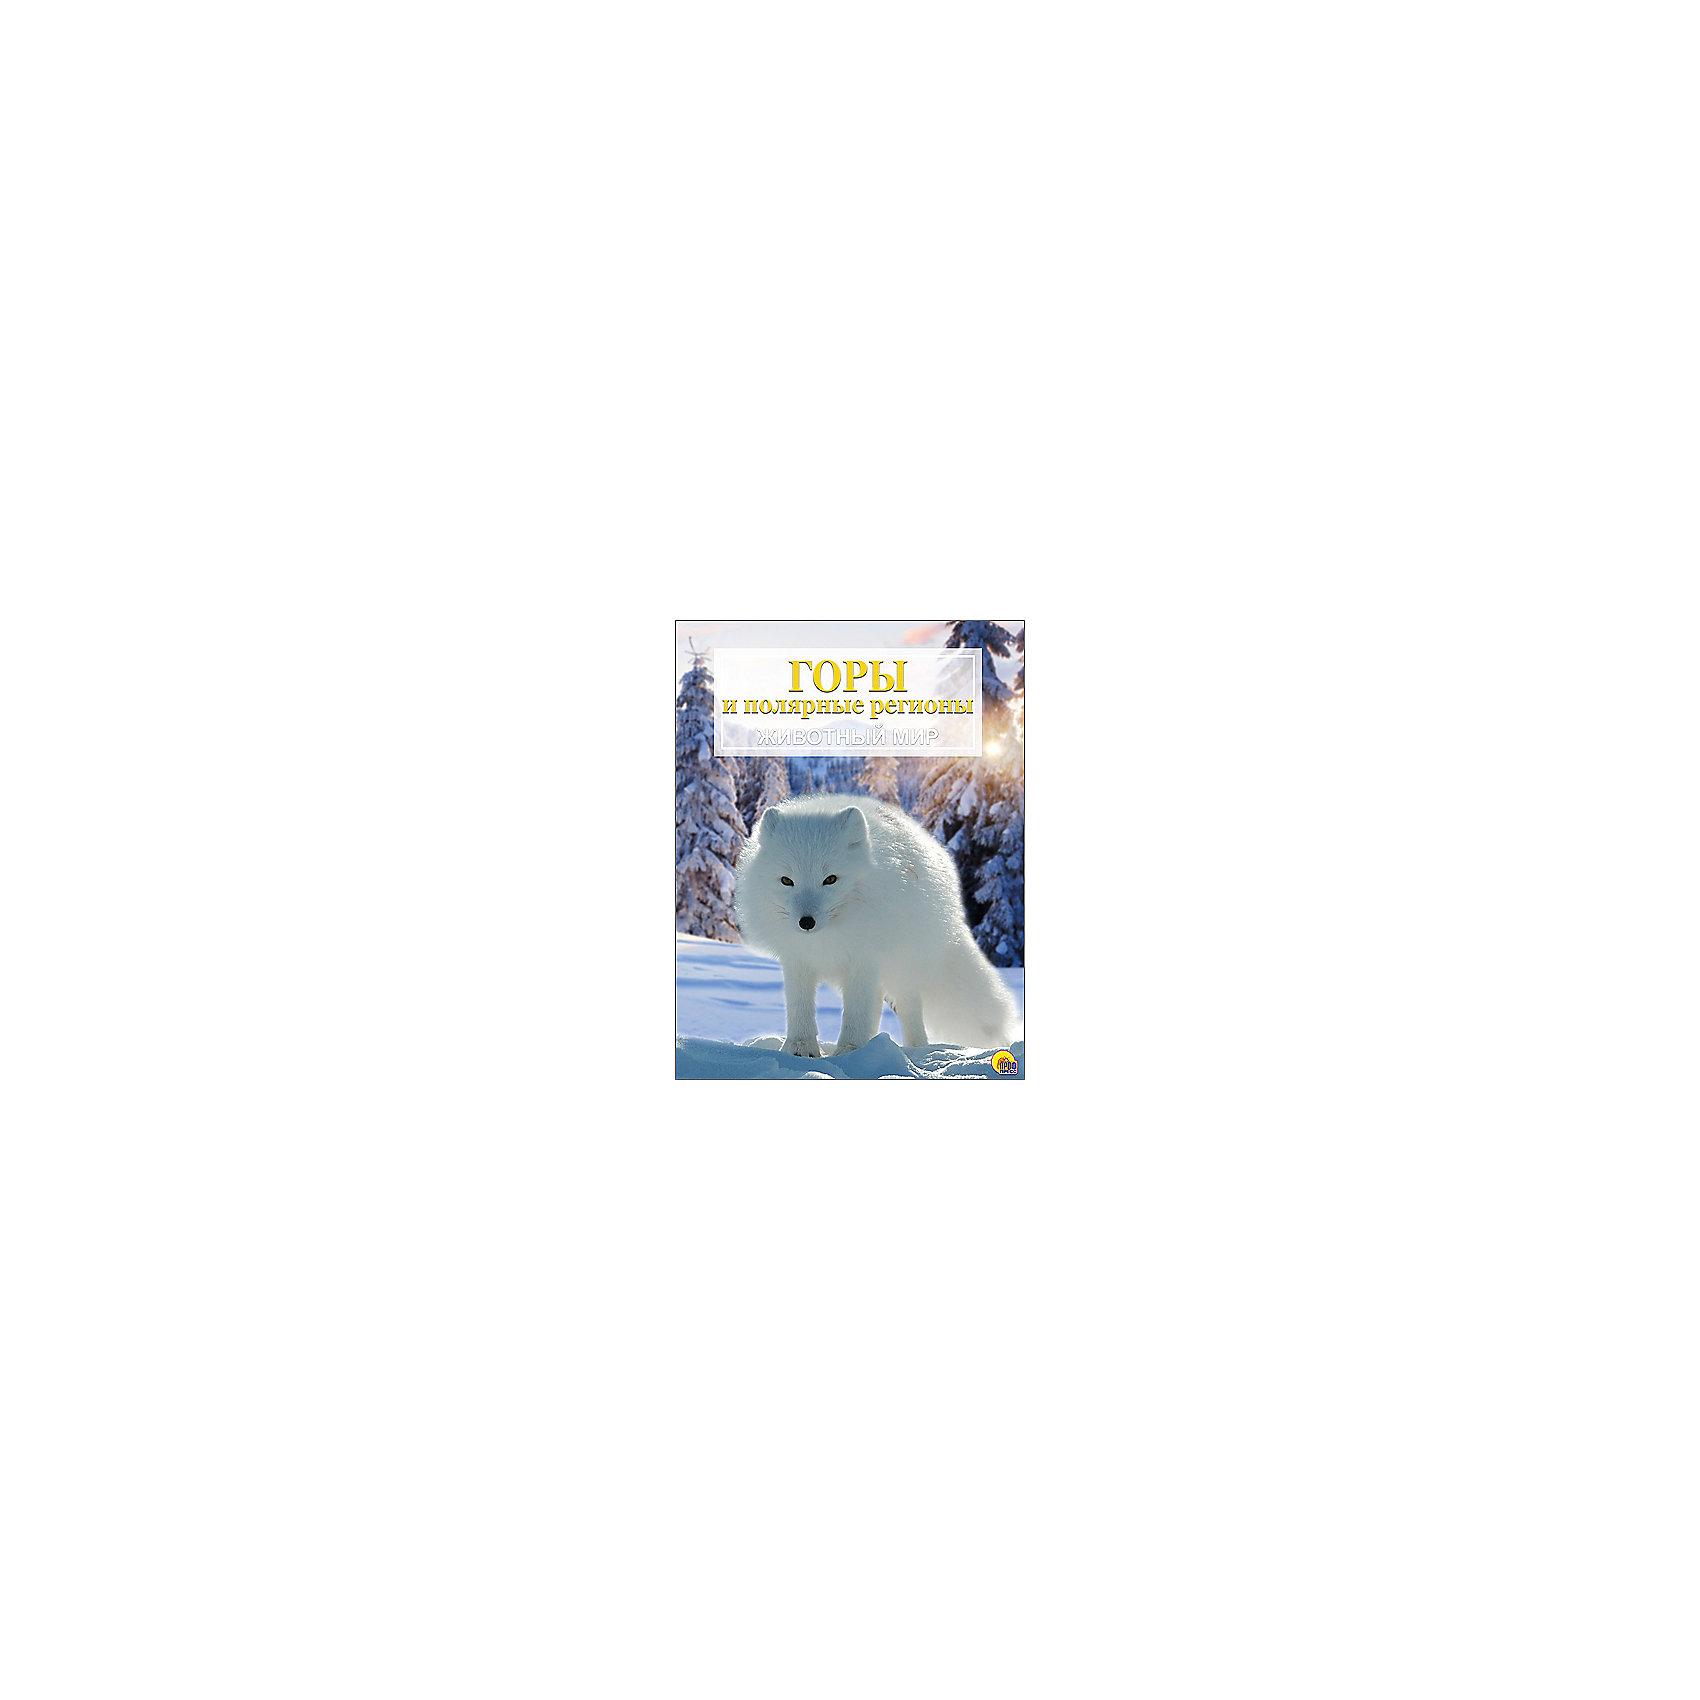 Энциклопедия Животный мир. Горы и полярные регионыЭнциклопедии о животных<br>С познавательной энциклопедией Животный мир. Горы и полярные регионы ребенок сможет узнать о животных, которые обитают в полярных регионах и горах. Натуралистические рисунки и карты-врезки помогут понять где обитает животное, которое заинтересовало ребенка. Для удобства изучения в книге предусмотрены алфавитный указатель, словарь, фотографии и карта климатических поясов. С этой книгой ребенку будет приятно и интересно узнавать окружающий мир!<br>Дополнительная информация:<br>Издательство: Проф-Пресс<br>Год выпуска: 2016<br>Обложка: твердый переплет<br>Иллюстрации: цветные<br>Количество страниц: 48<br>ISBN:978-5-378-21976-6<br>Размер: 16,5х1х23,5 см<br>Вес: 508 грамм<br>Энциклопедию Животный мир. Горы и полярные регионы вы можете купить в нашем интернет-магазине.<br><br>Ширина мм: 235<br>Глубина мм: 10<br>Высота мм: 165<br>Вес г: 508<br>Возраст от месяцев: 72<br>Возраст до месяцев: 36<br>Пол: Унисекс<br>Возраст: Детский<br>SKU: 4905932